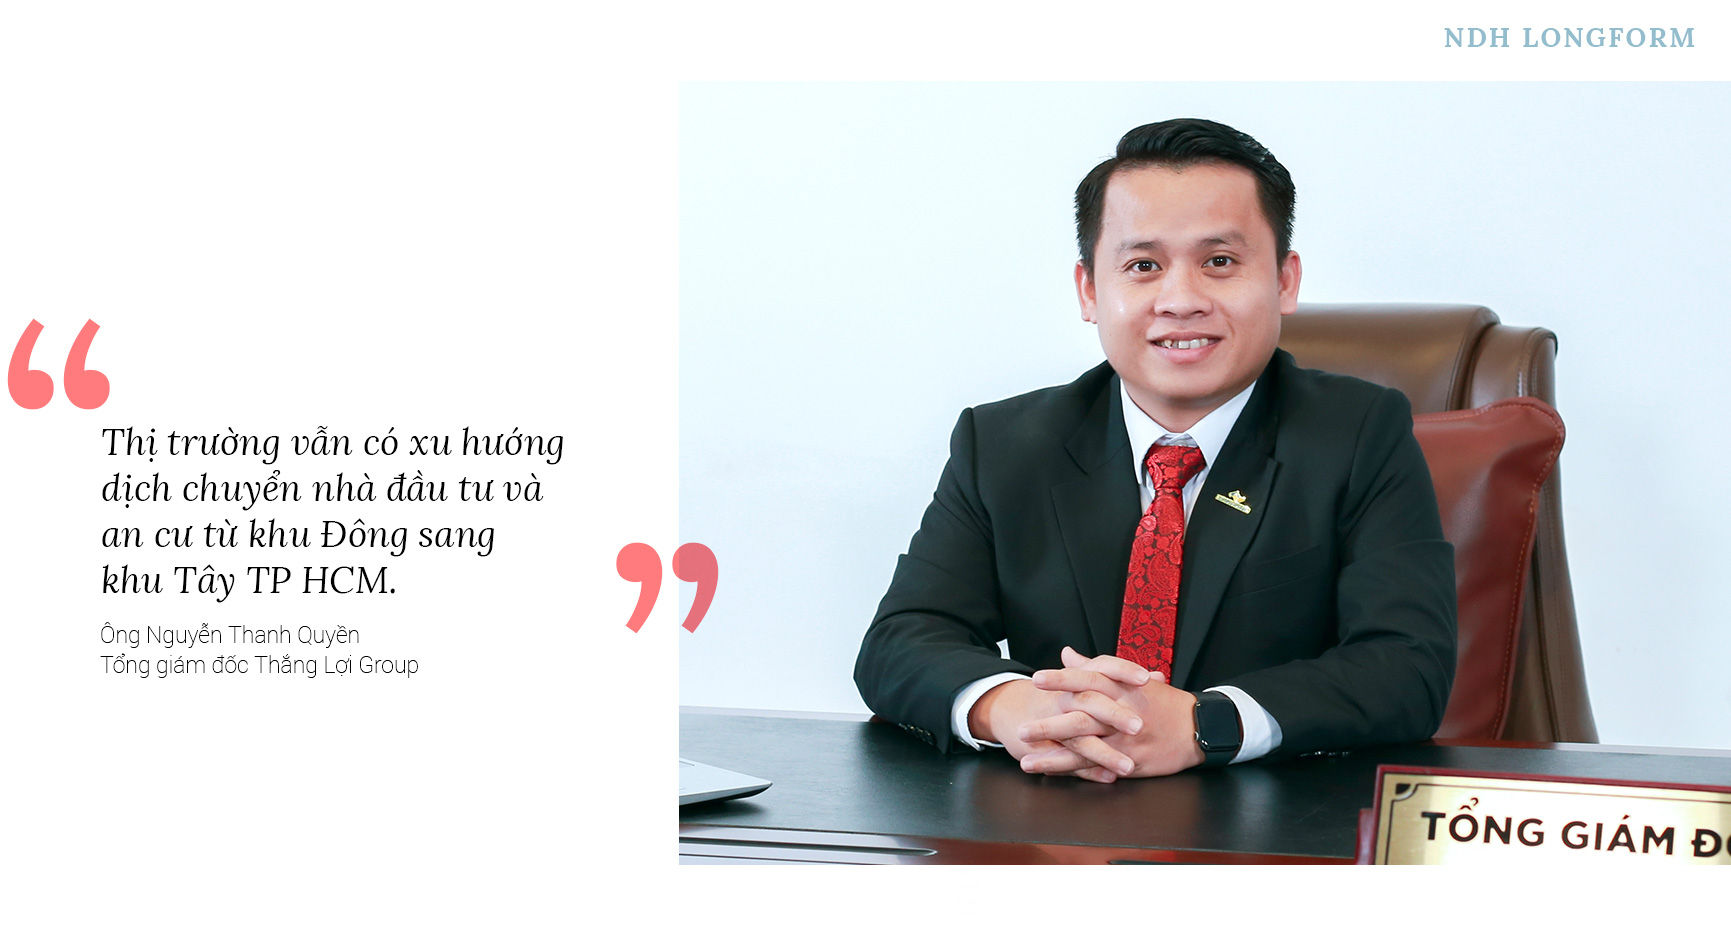 CEO Thắng Lợi Group: Vượt qua Covid-19 bằng cách đối mặt, dự kiến niêm yết HoSE giai đoạn 2021 - 2022 - Ảnh 4.